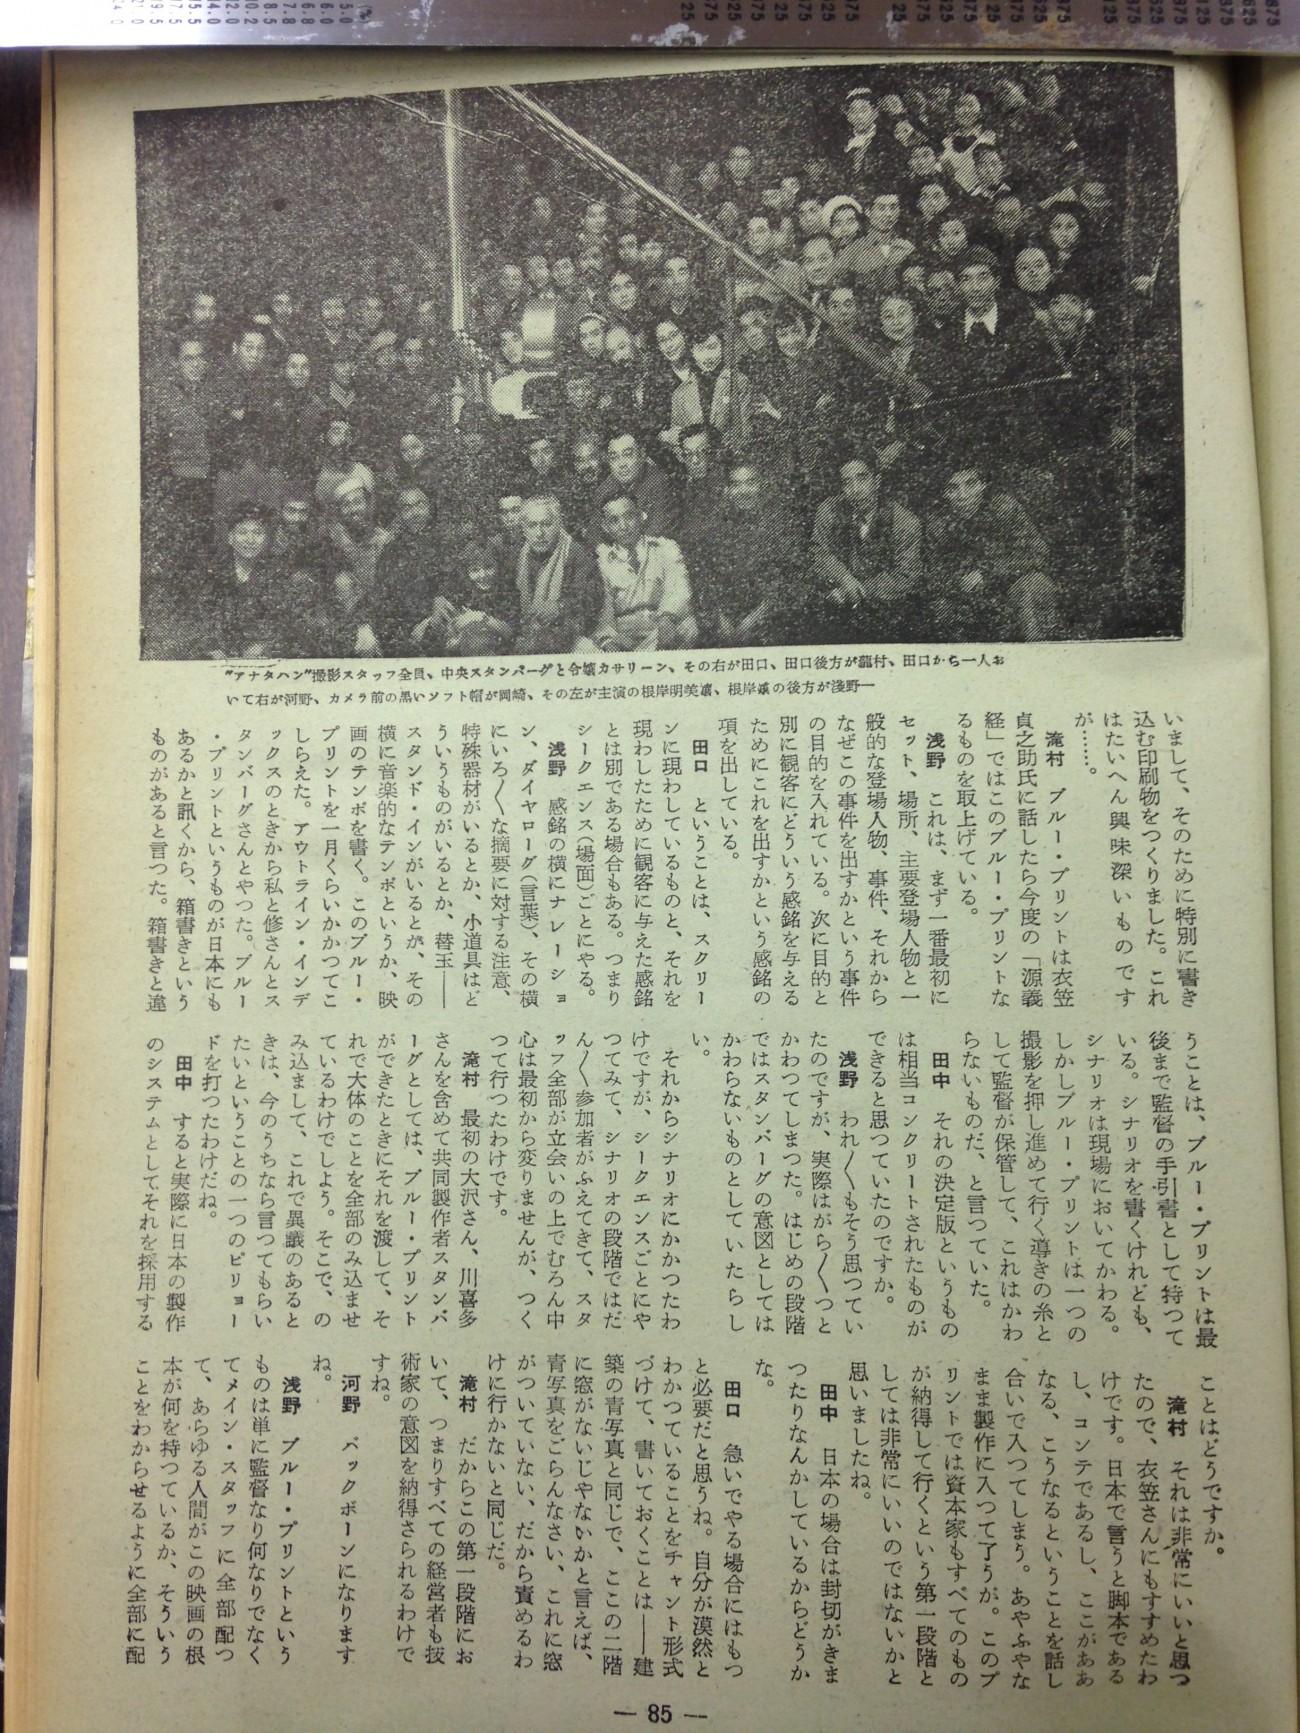 Josef von Sternberg et toute l'équipe d'Anatahan (photo parue en 1953 dans le numéro 65 de Kinema Junpo, en illustration d'une table ronde où certains collaborateurs racontent « ce qu'ils ont appris de Sternberg »).